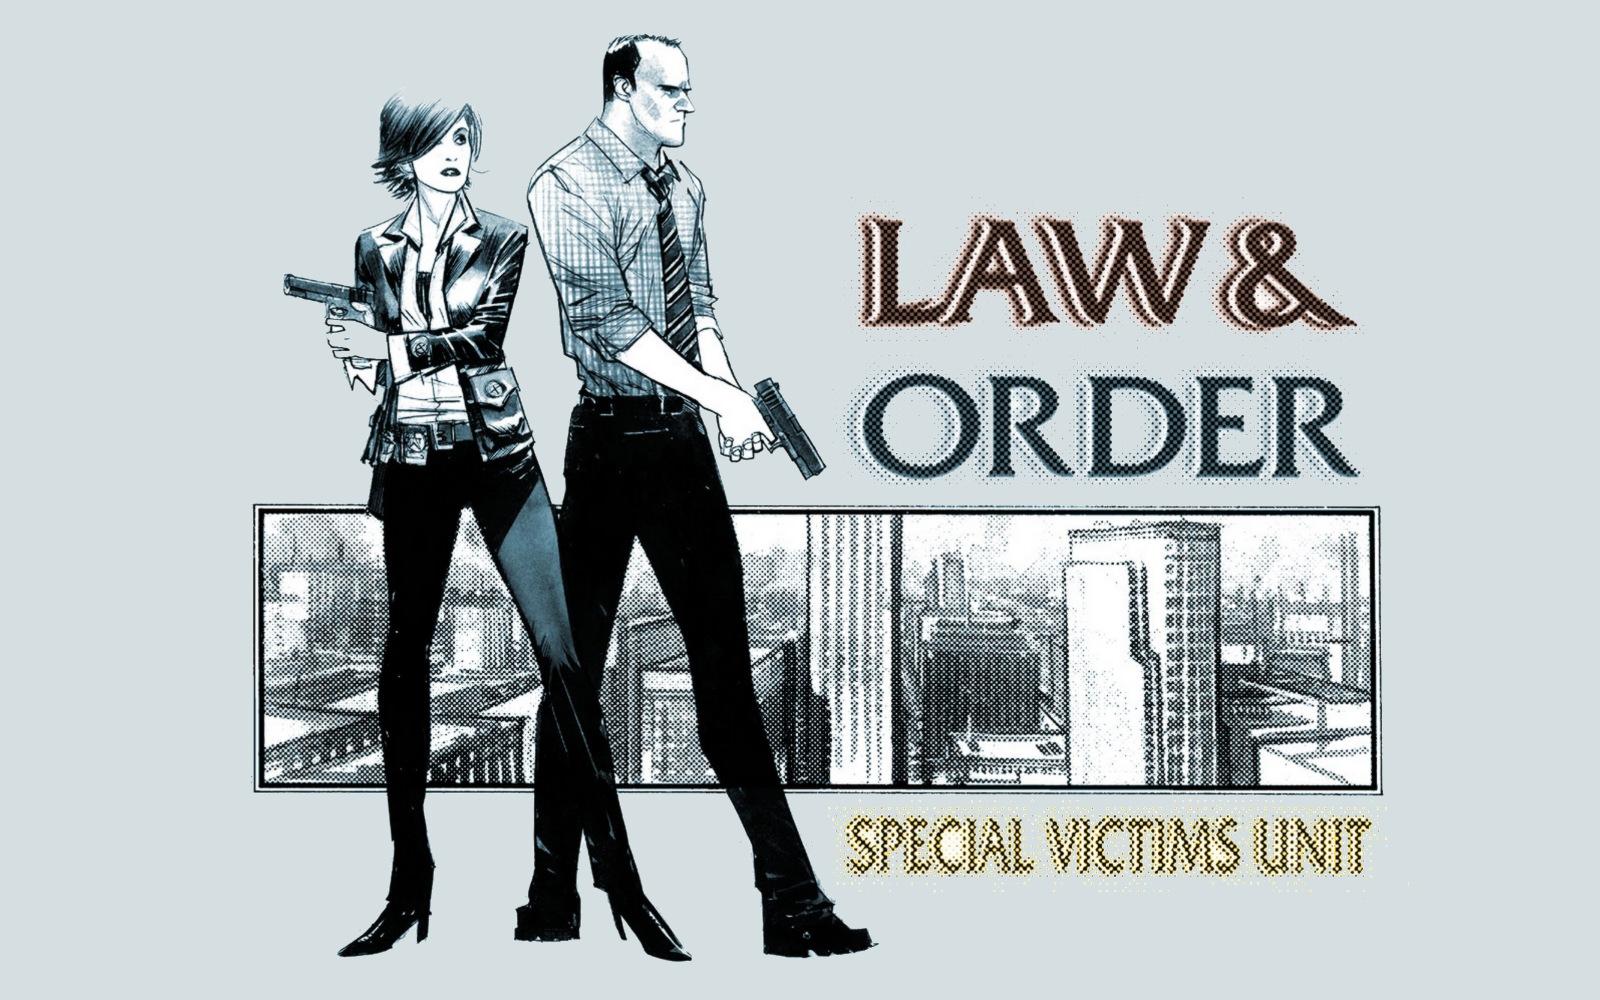 http://1.bp.blogspot.com/-VMl2tsq3fBs/TtKbjluOqcI/AAAAAAACCG4/C5gbVzJu-Cs/s1600/Law%2Band%2BOrder-Special%2BVictims%2BUnit%2BWallpaper%2B11.jpg